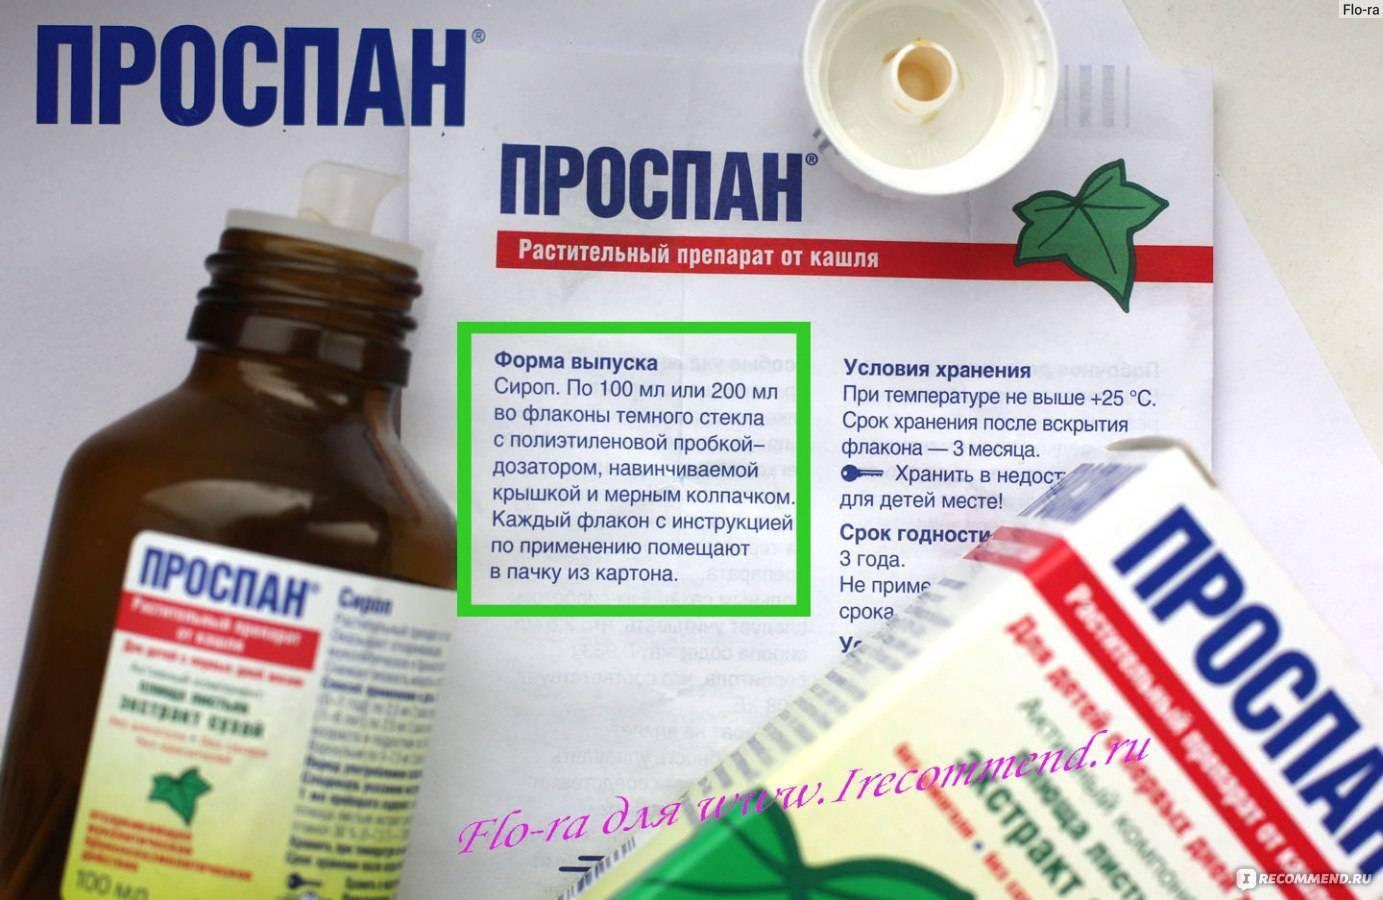 Капли и сироп проспан: инструкция по применению для детей и взрослых pulmono.ru капли и сироп проспан: инструкция по применению для детей и взрослых